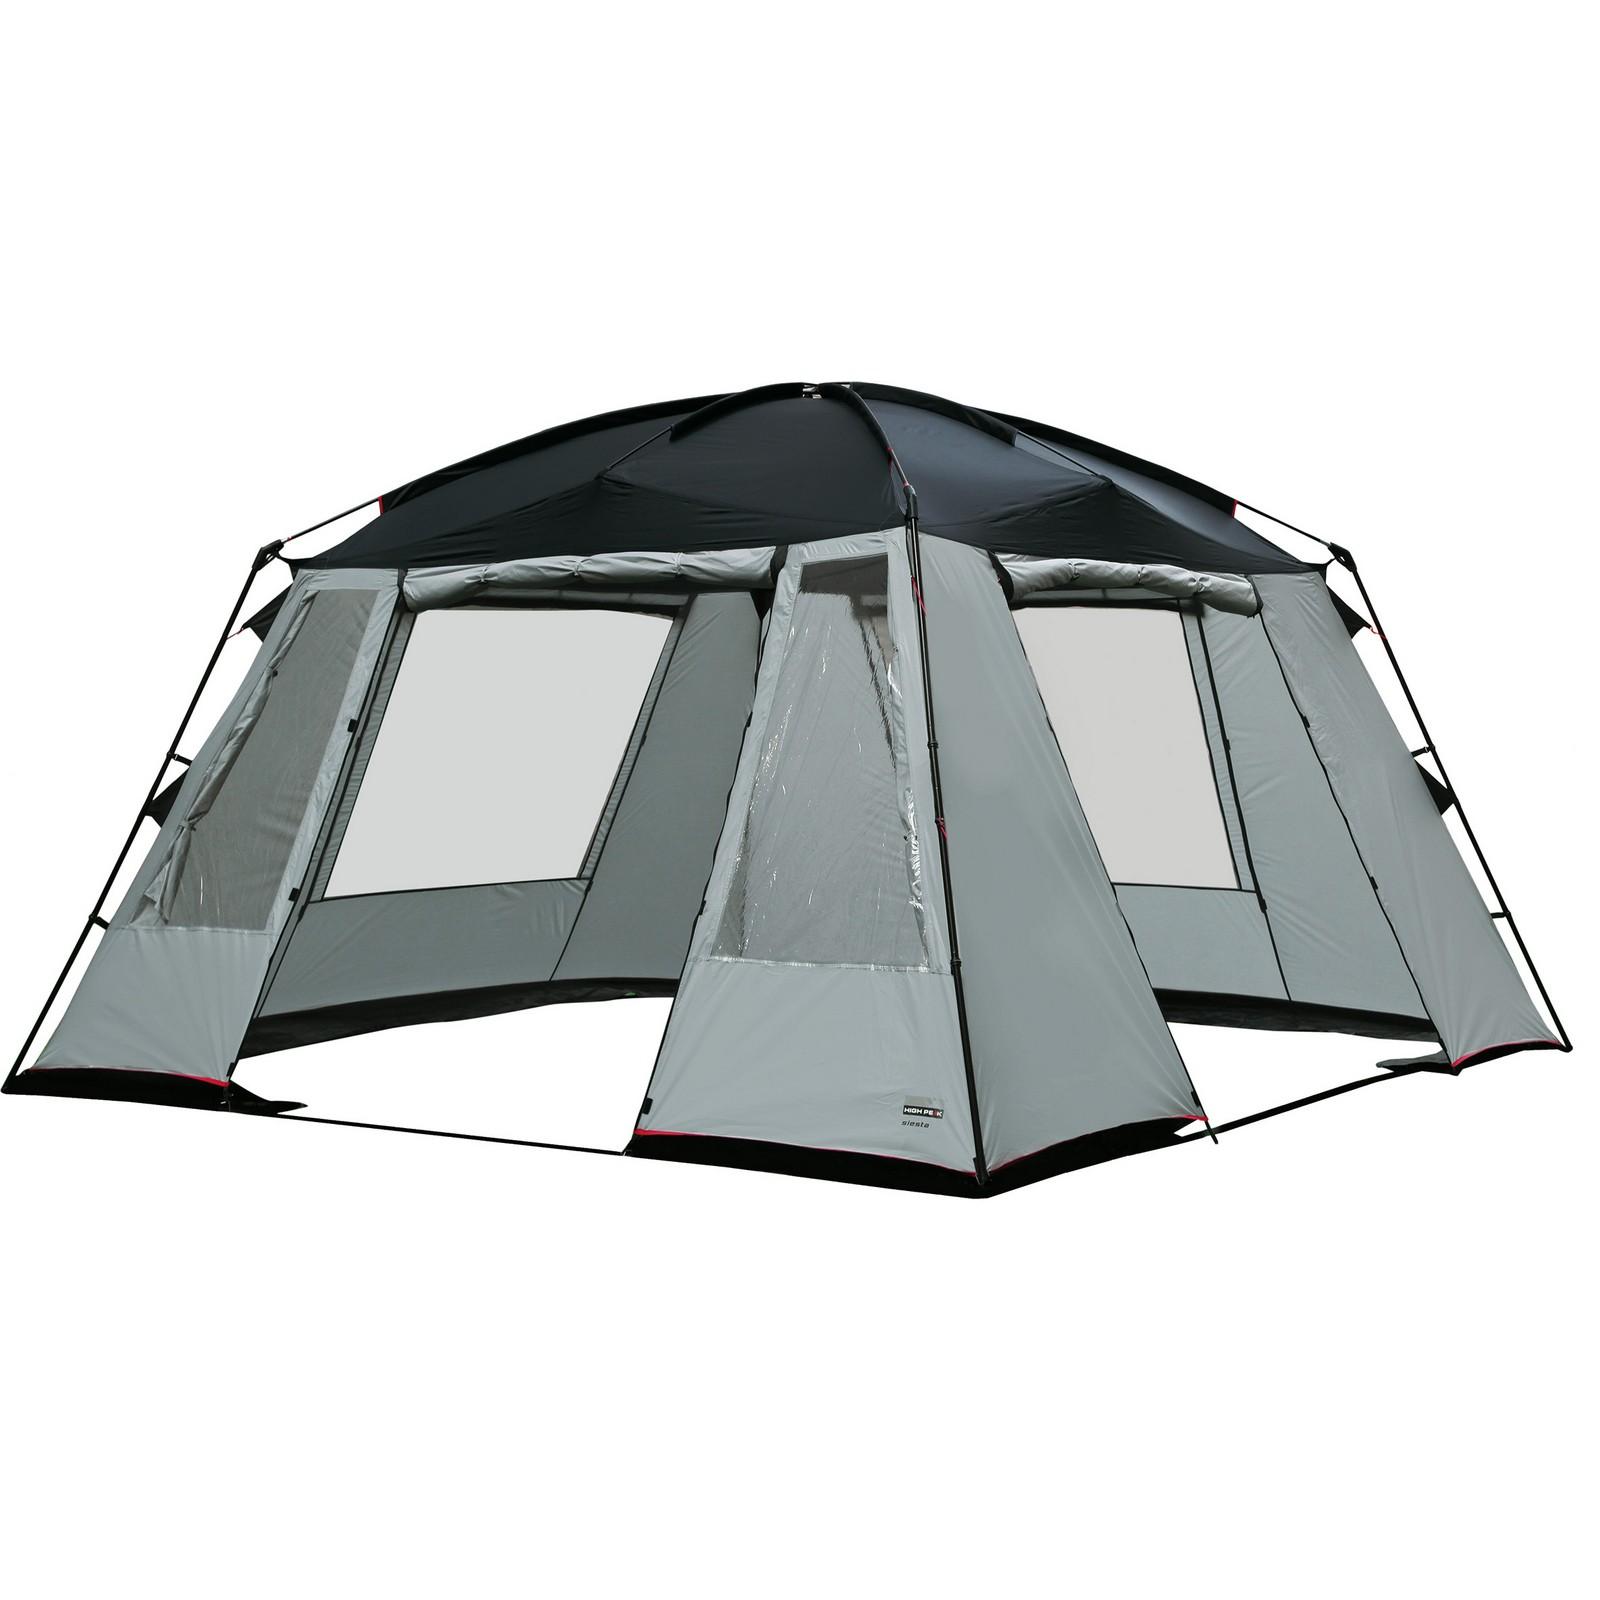 Pavillon Oder Zelt : Zelt pavillon siesta high peak gartenzelt partyzelt